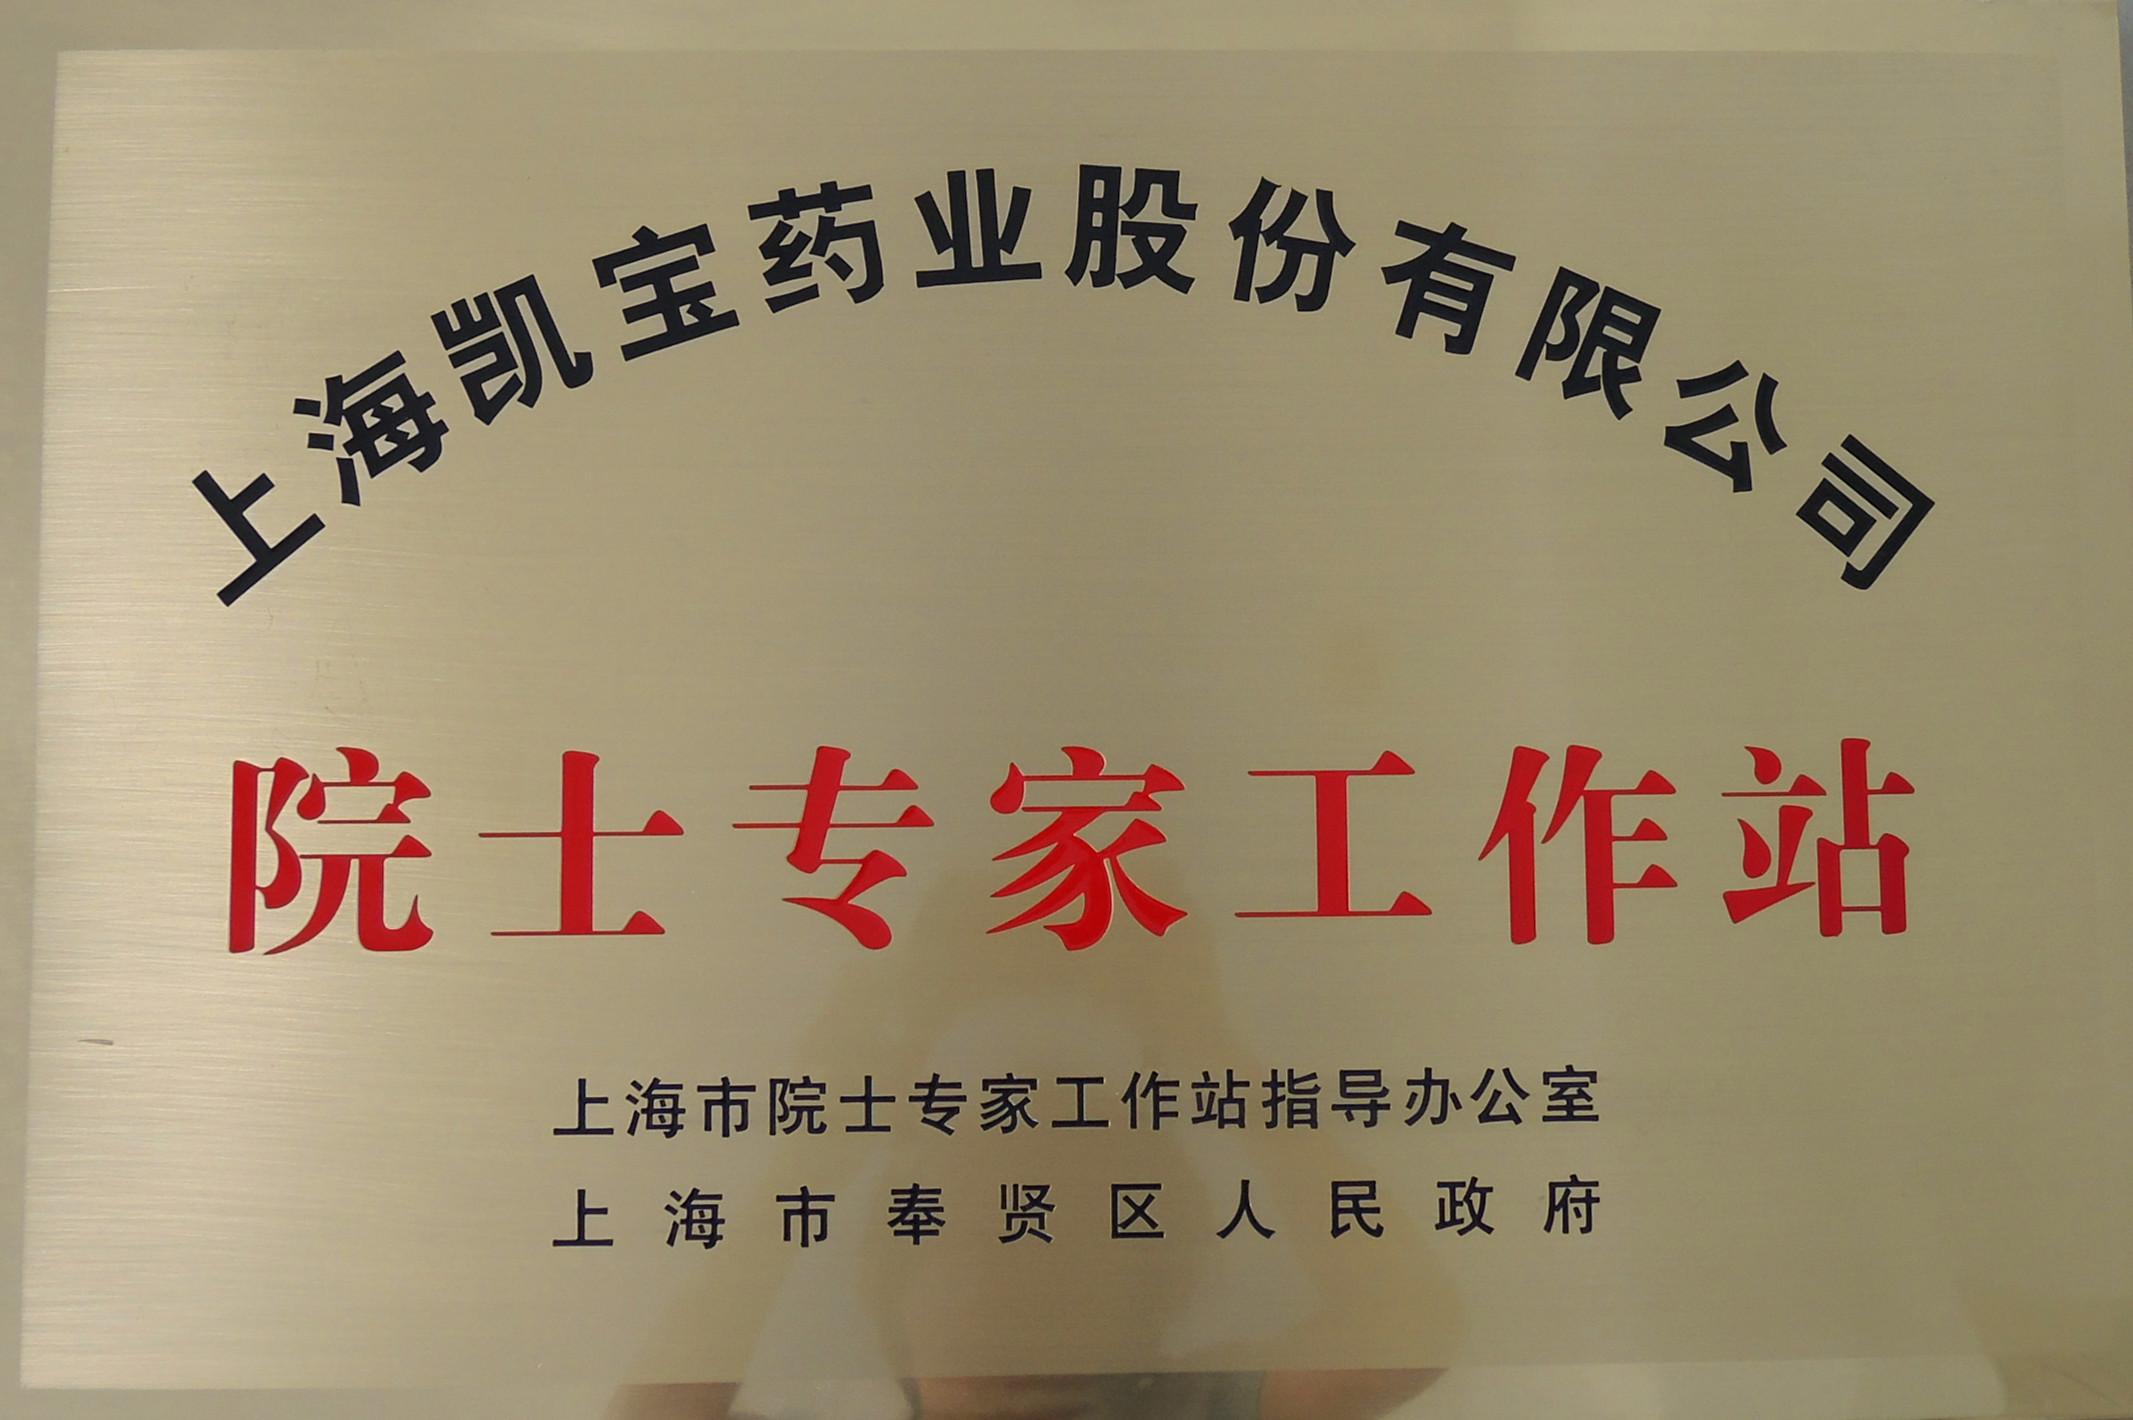 上海市院士专家工作站